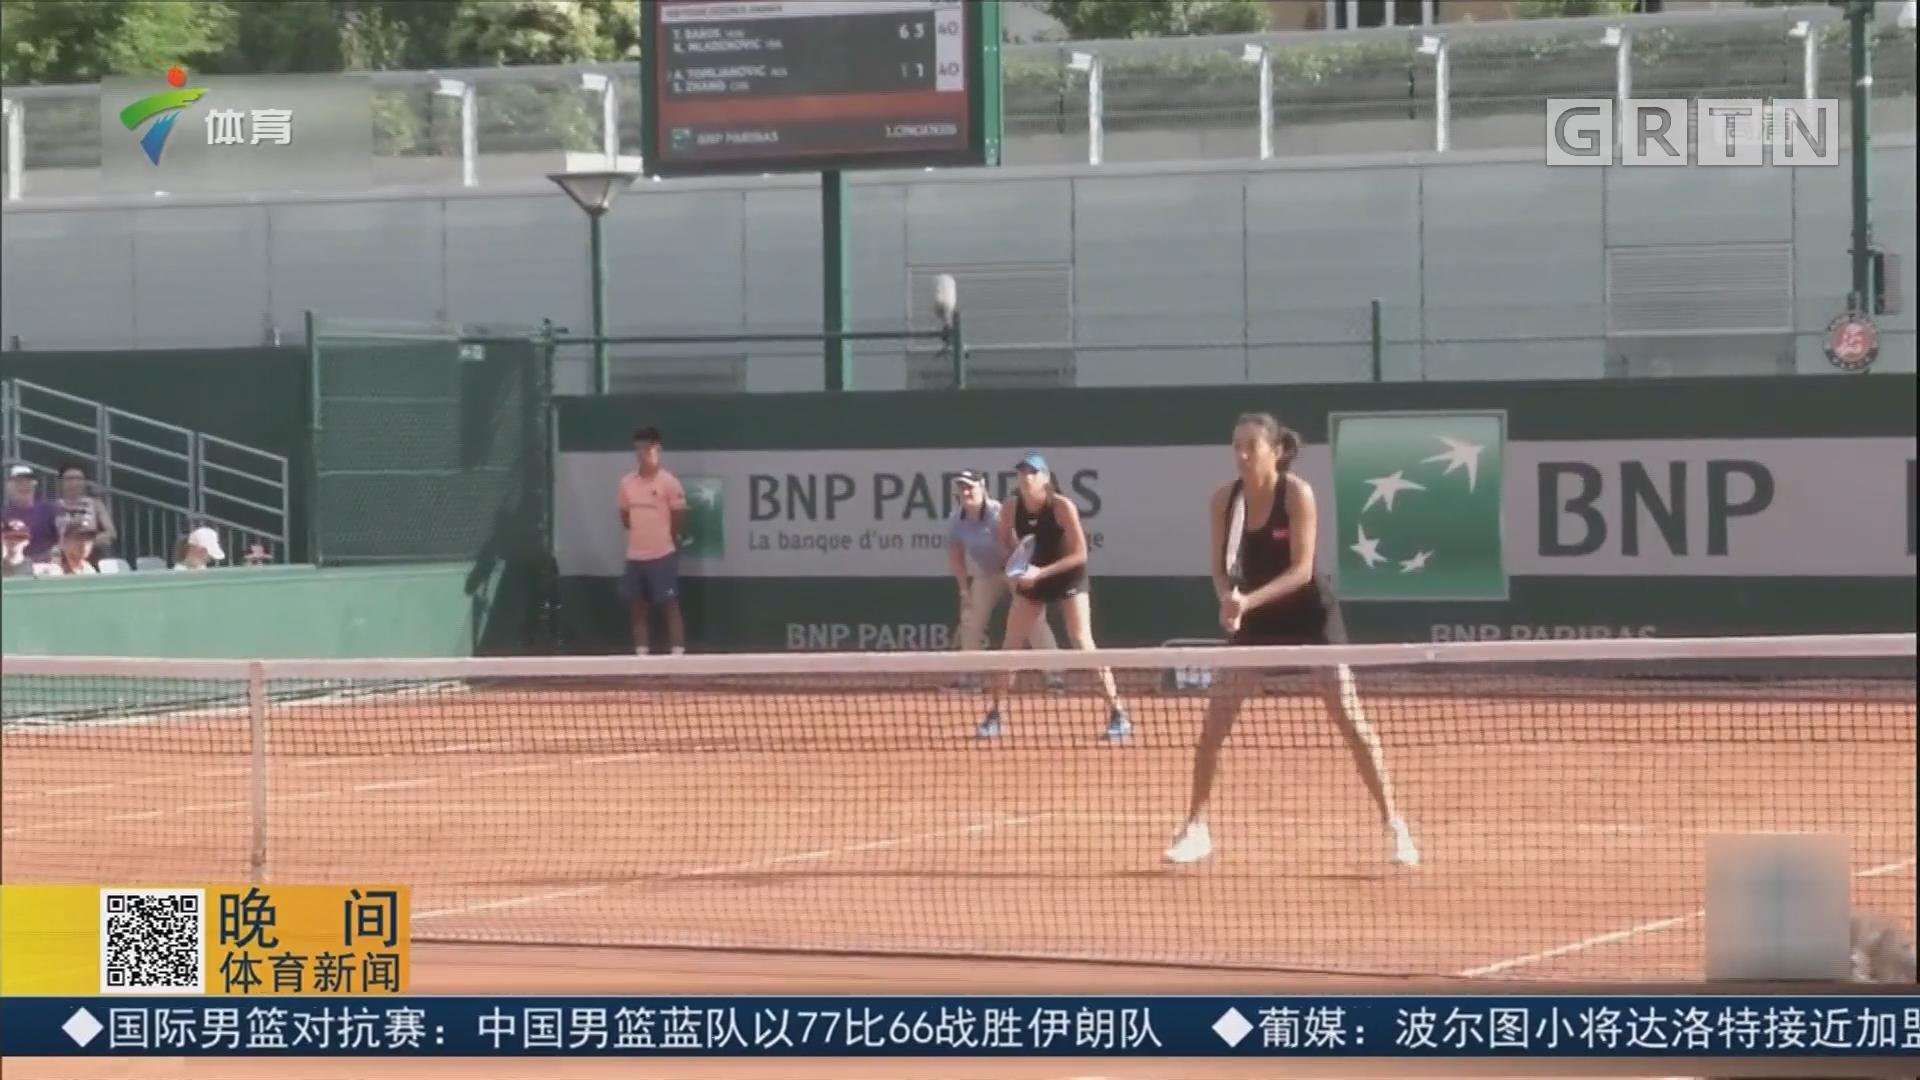 法网女双赛 段莹莹组合晋级 彭帅、张帅皆止步